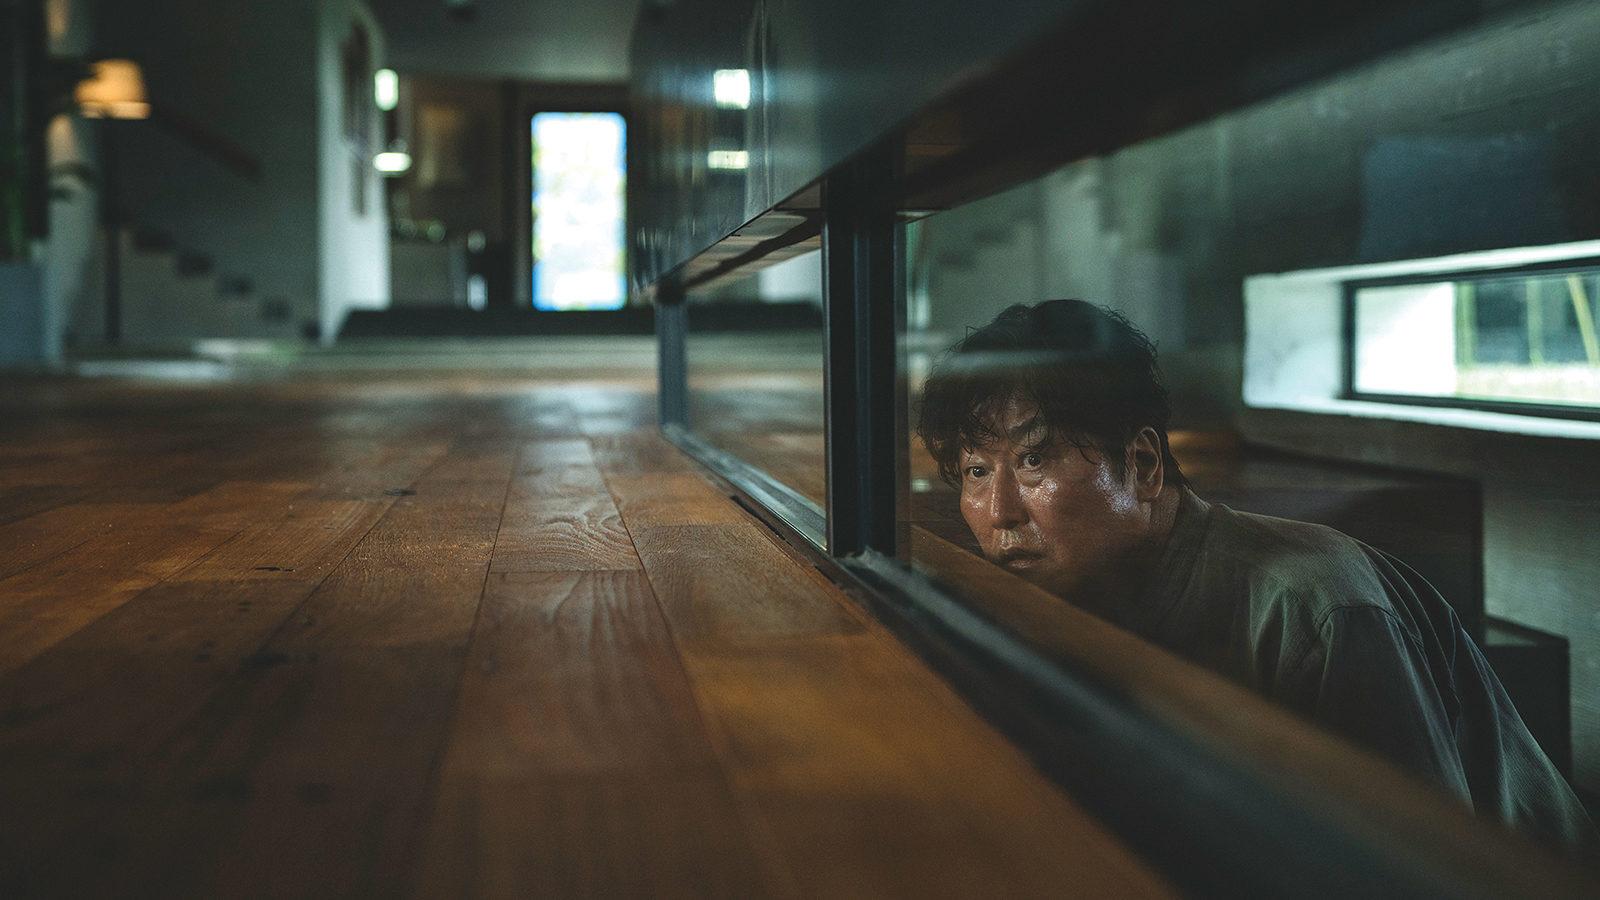 Фильм «Паразиты» – выстрел южнокорейского кинематографа или очередное кино-путаница? 15